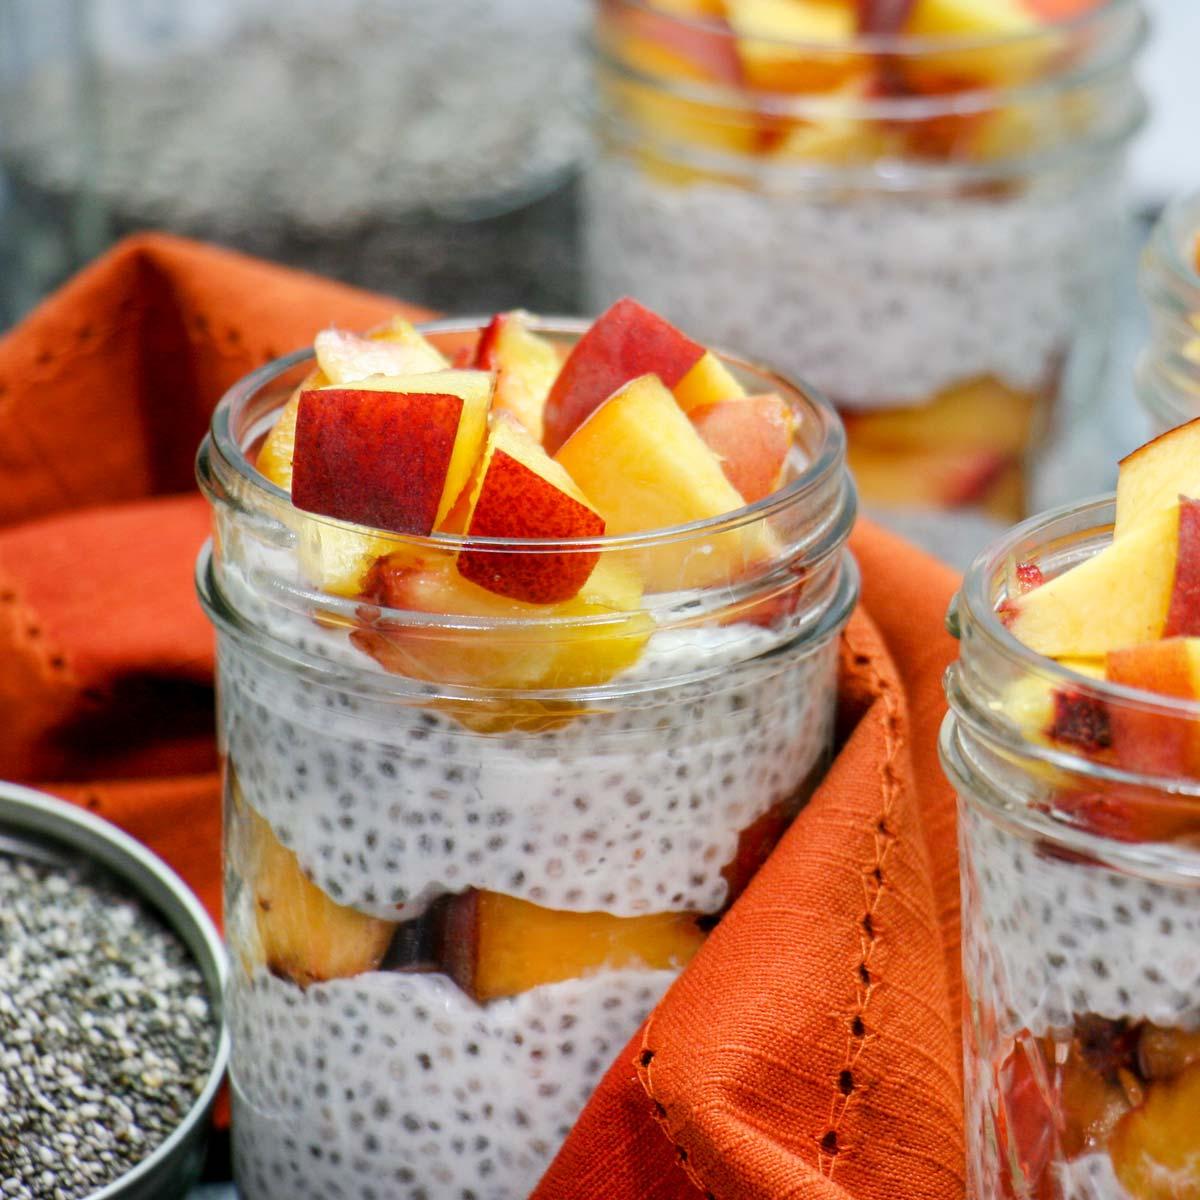 Peaches and Cream Vegan Chia Pudding with Coconut Milk